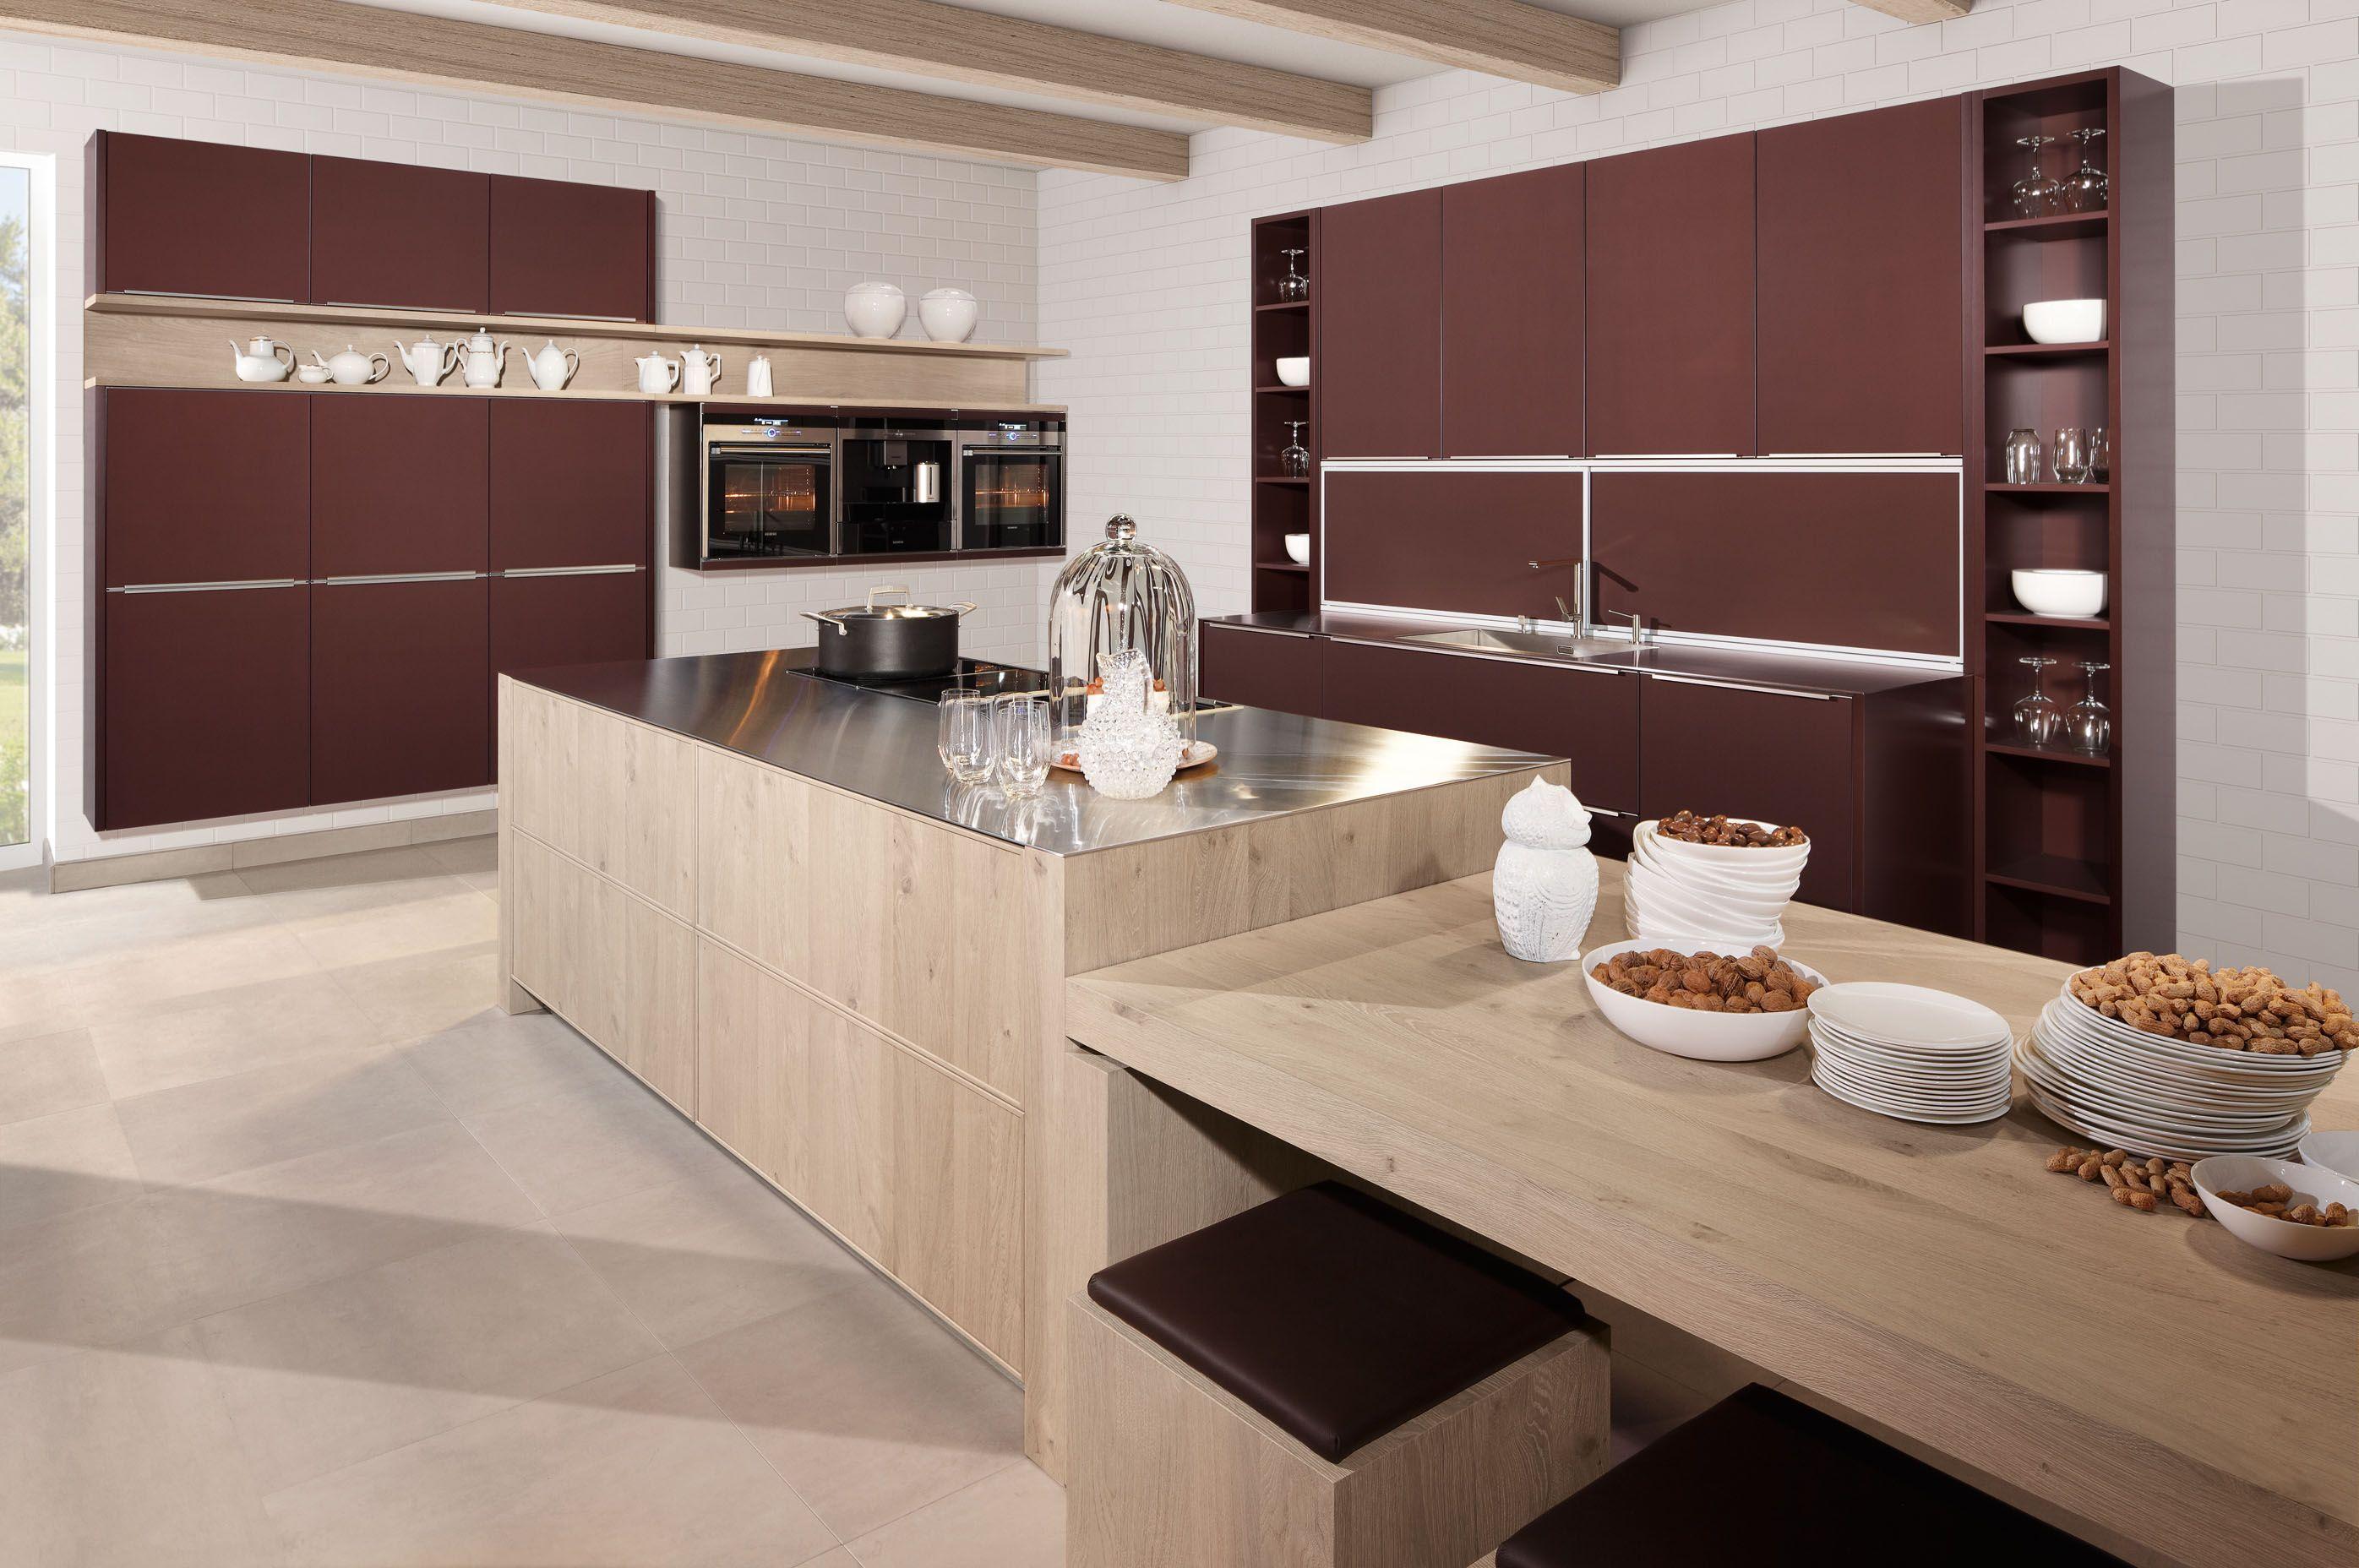 Grote Keuken Showroom : keukens voor zeer lage keuken prijzen Grote Zeyko eilandkeuken met